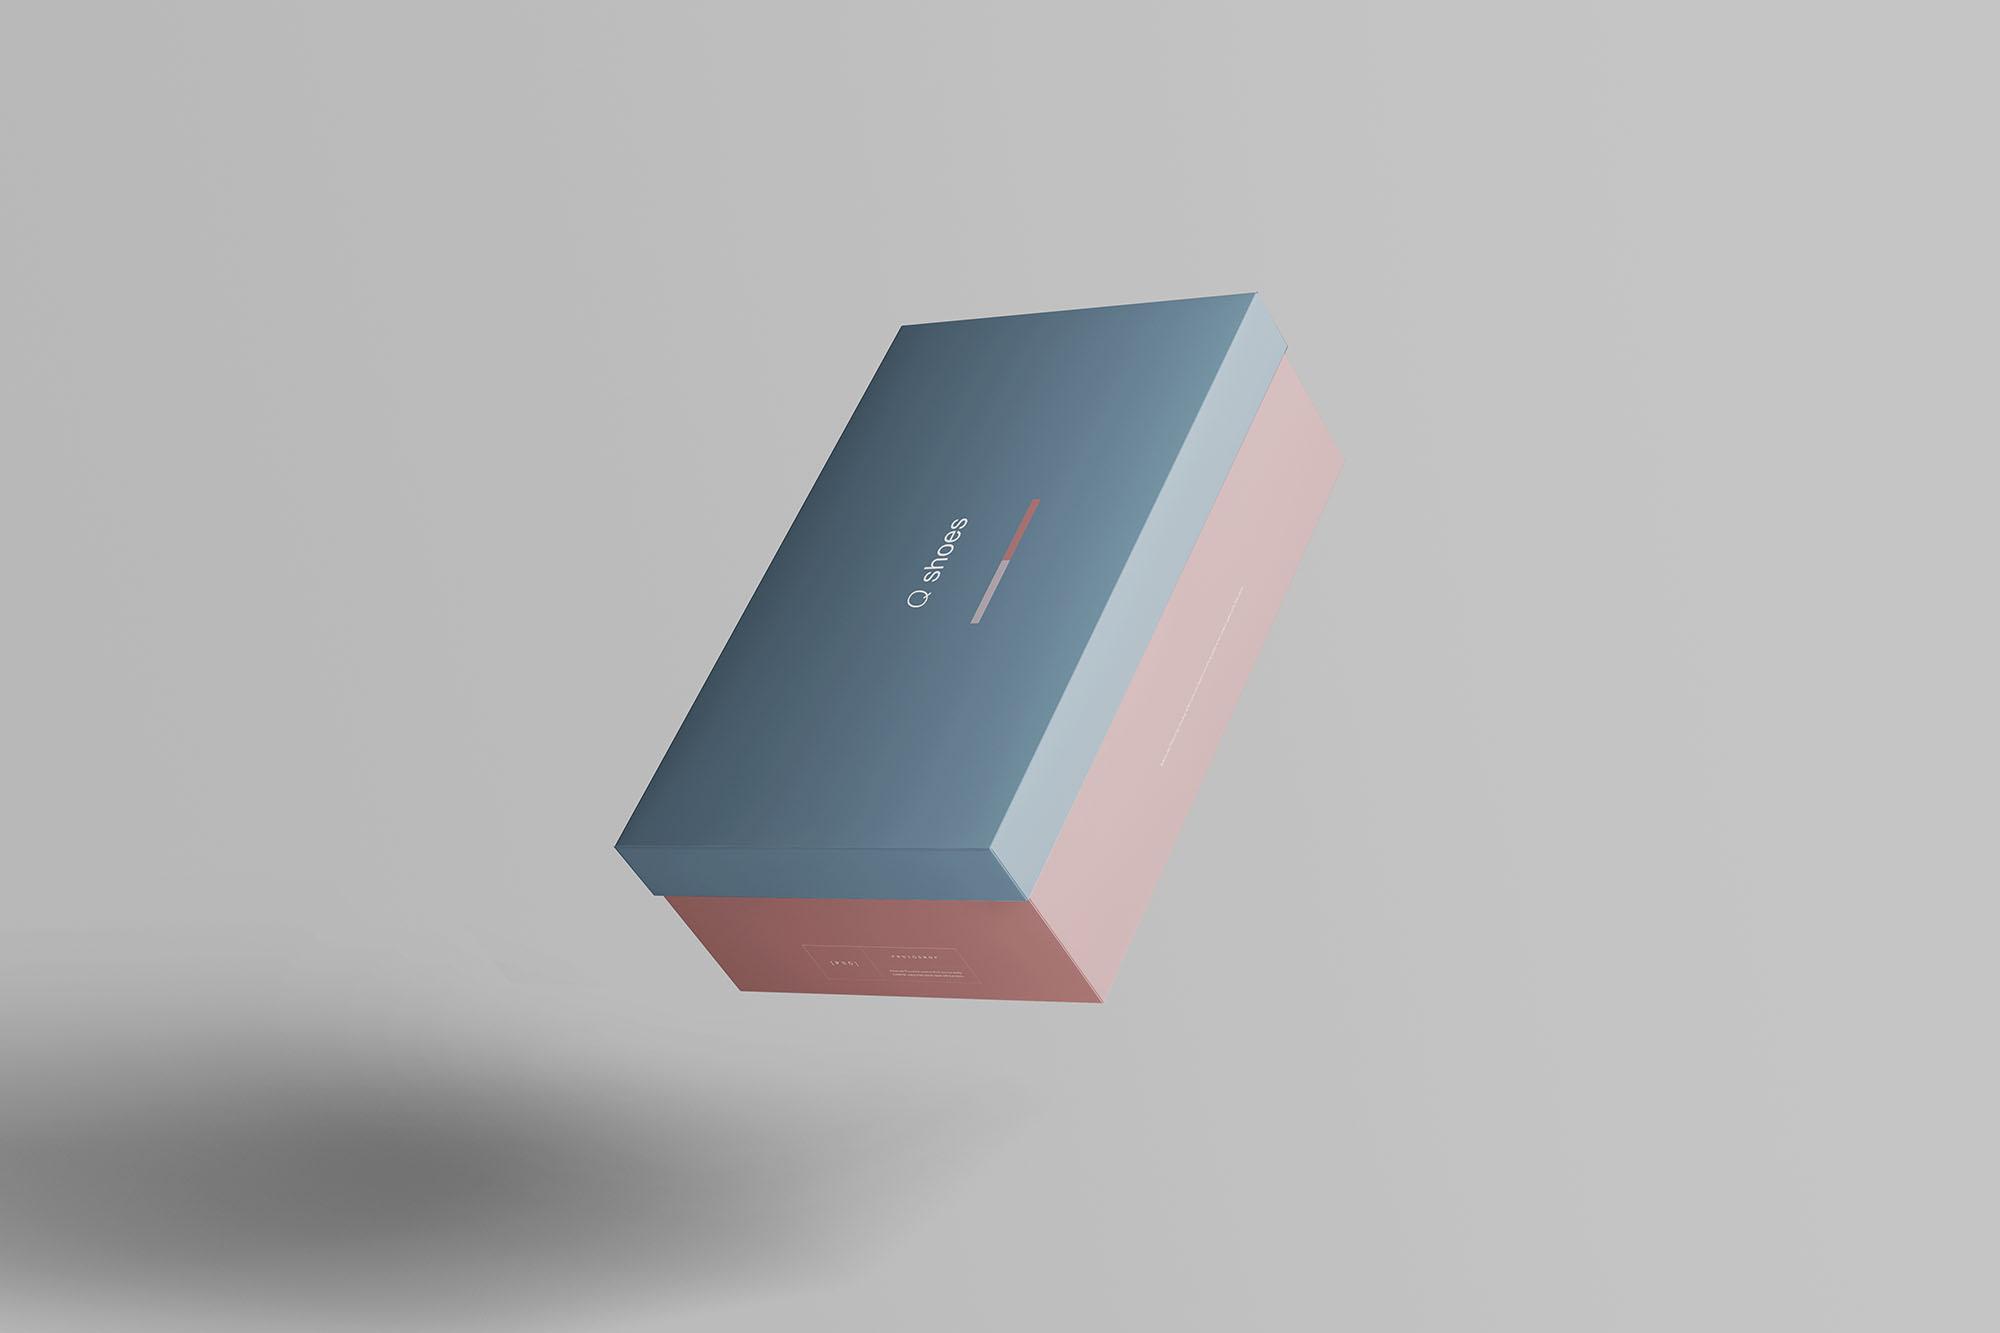 7个高品质纸质鞋盒外观设计预览图样机模板 Shoe Box Mockup插图(6)